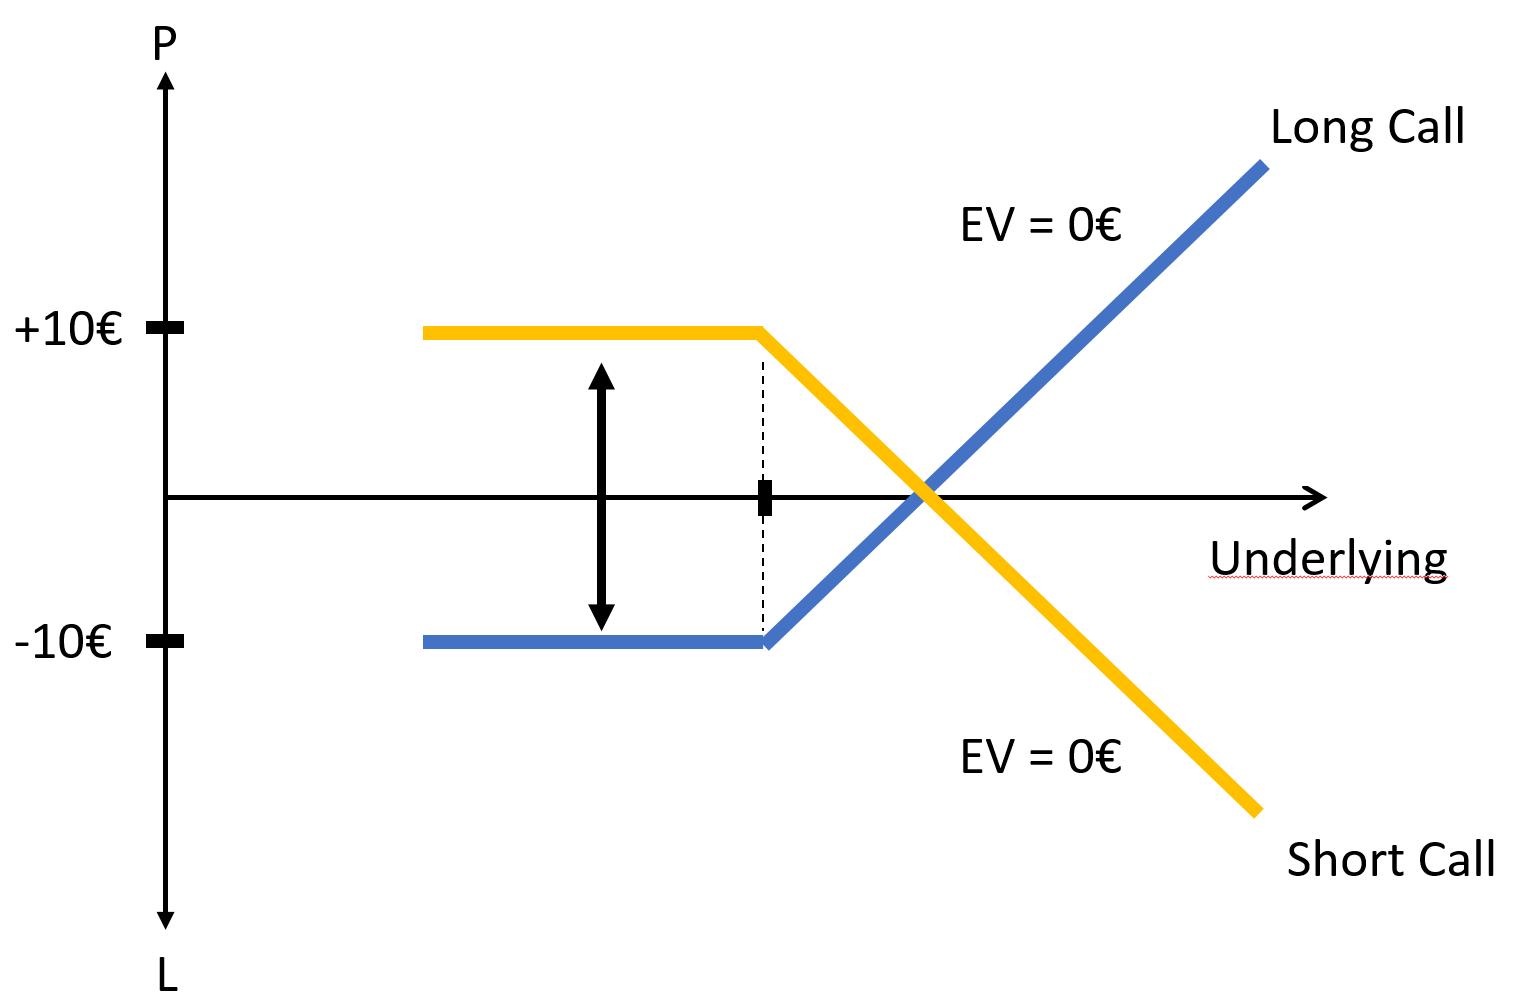 Optionen - Eine vollständige und unkomplizierte Erklärung